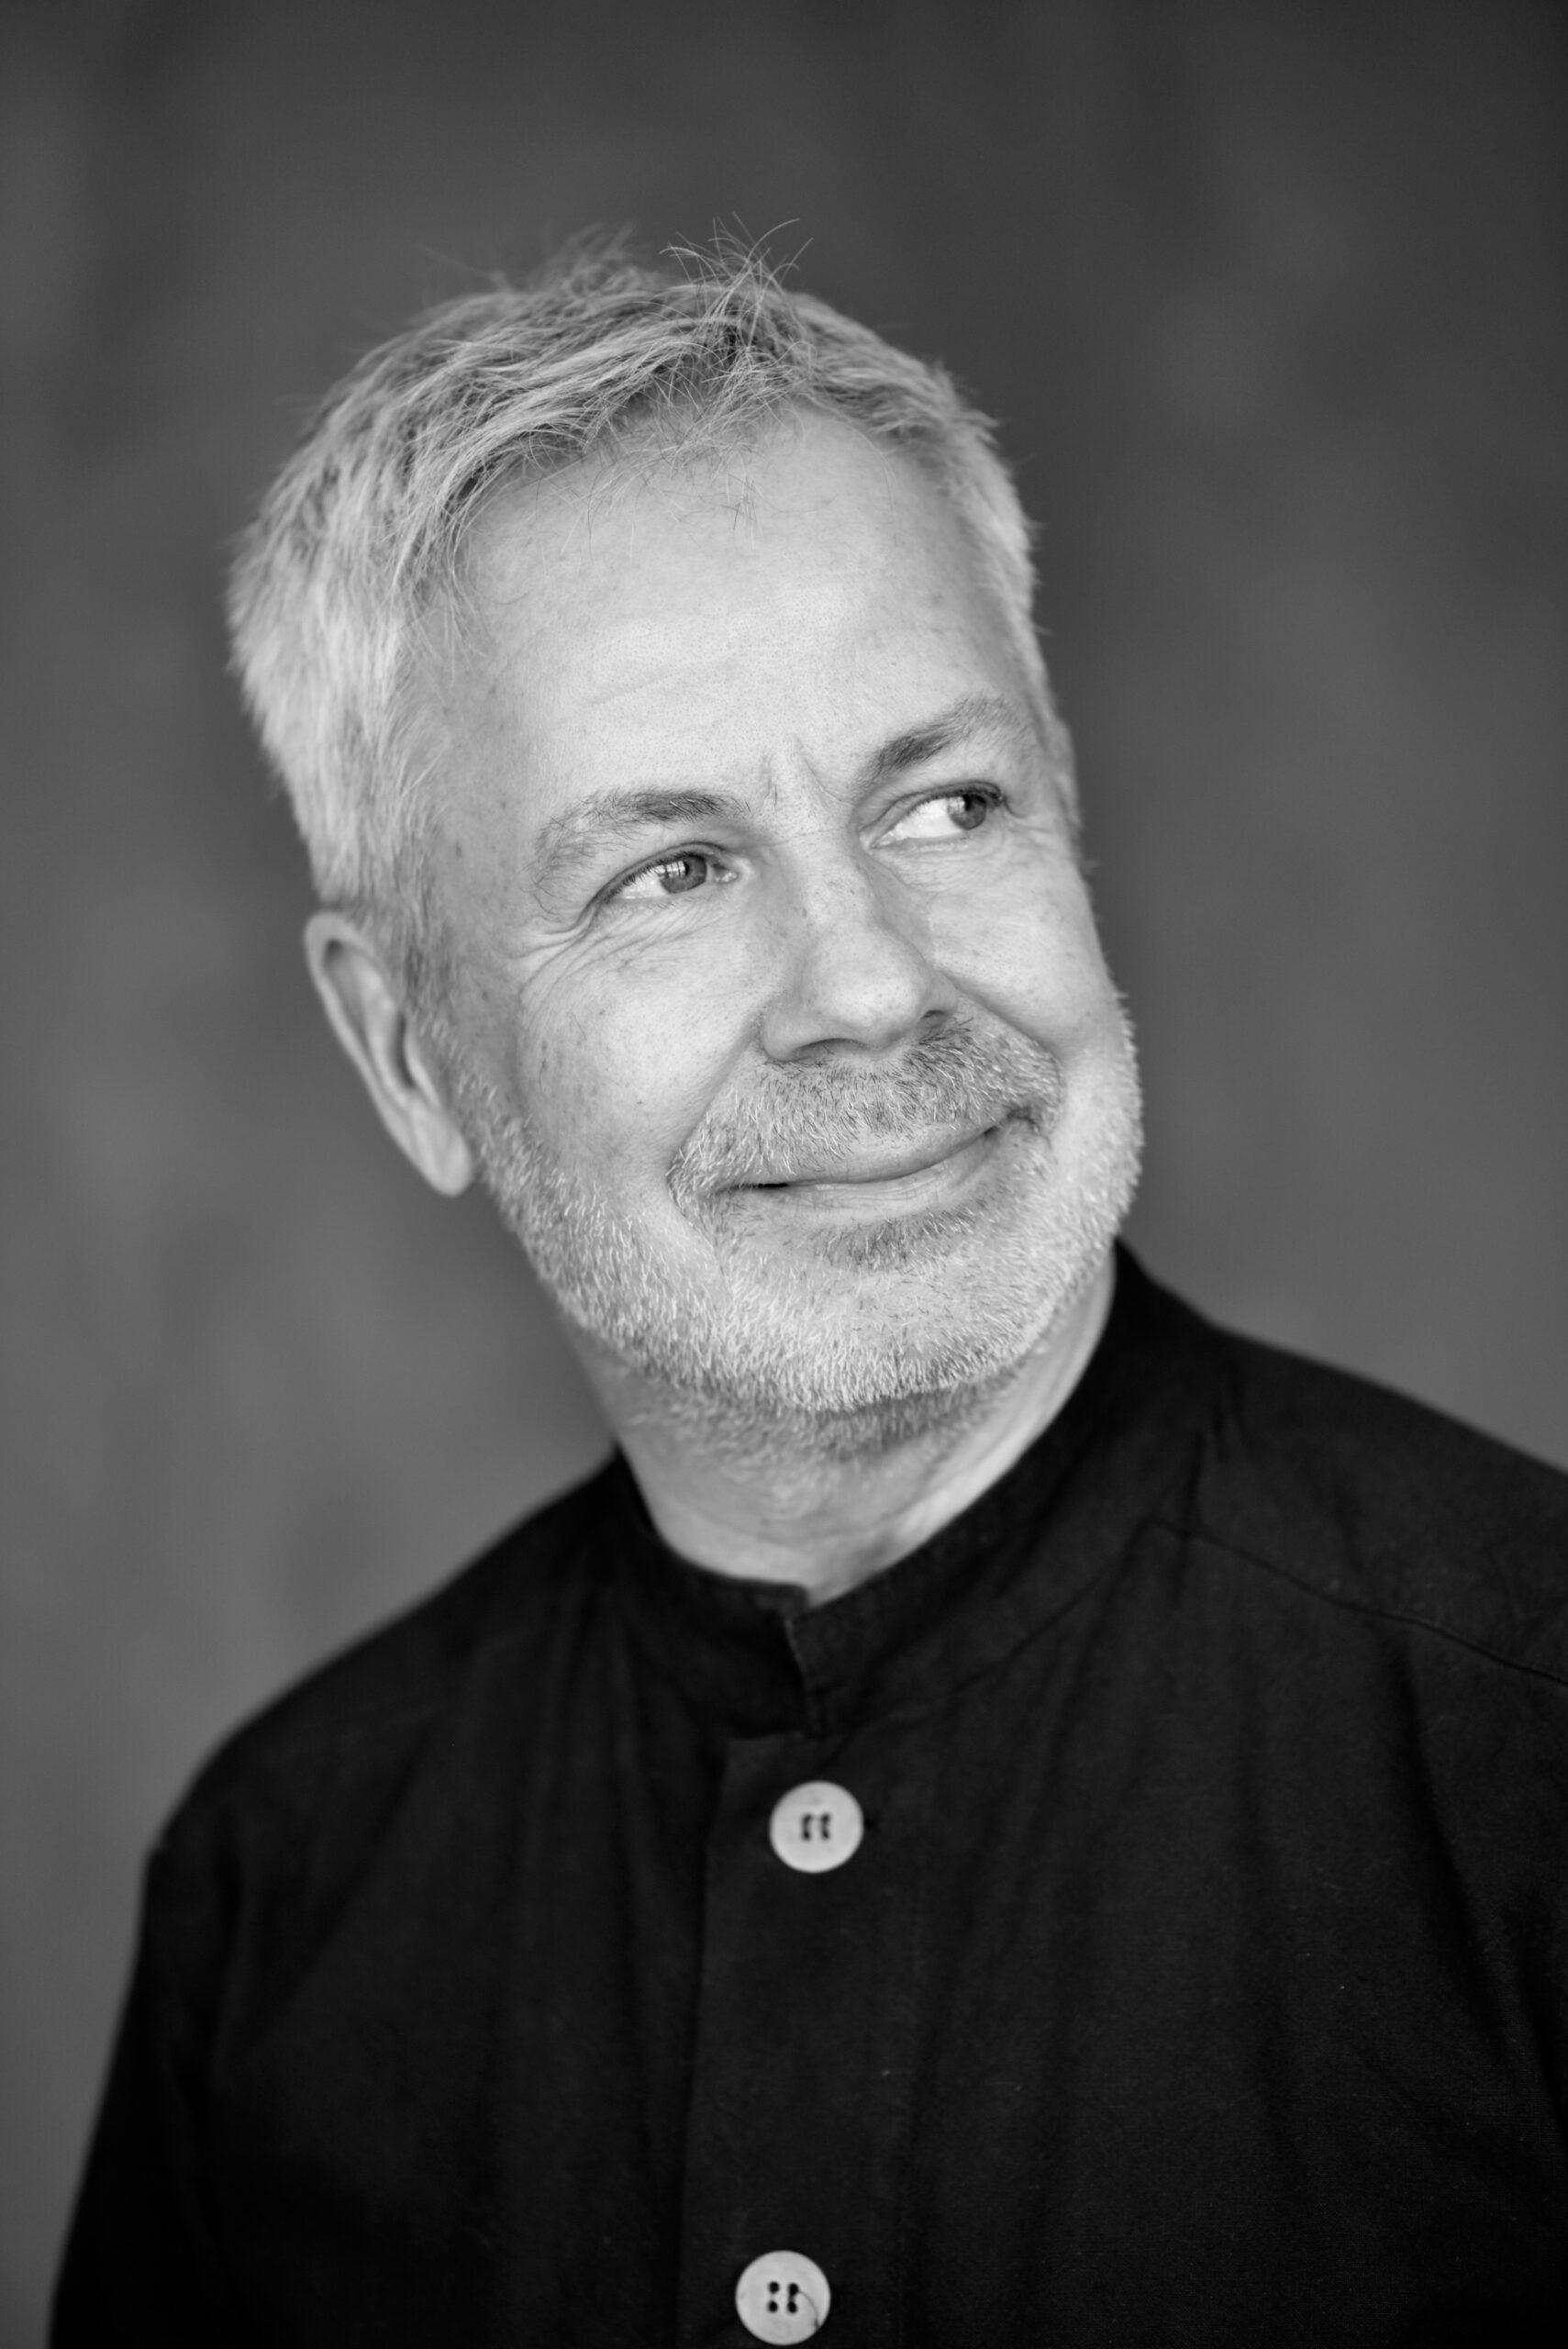 Porträttbild av Håkan Mattsson